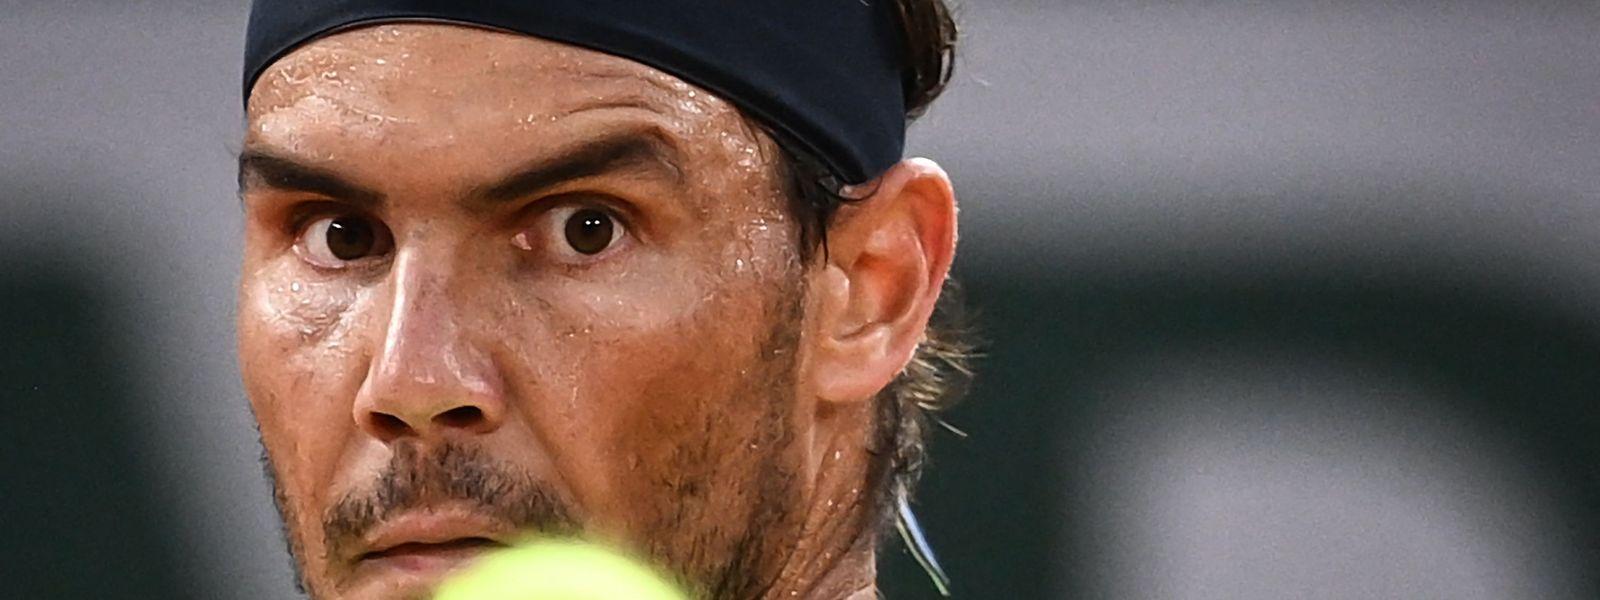 L'Espagnol est le quatrième joueur à déclarer forfait pour l'US Open, comme entre autres Roger Federer et Stan Wawrinka.